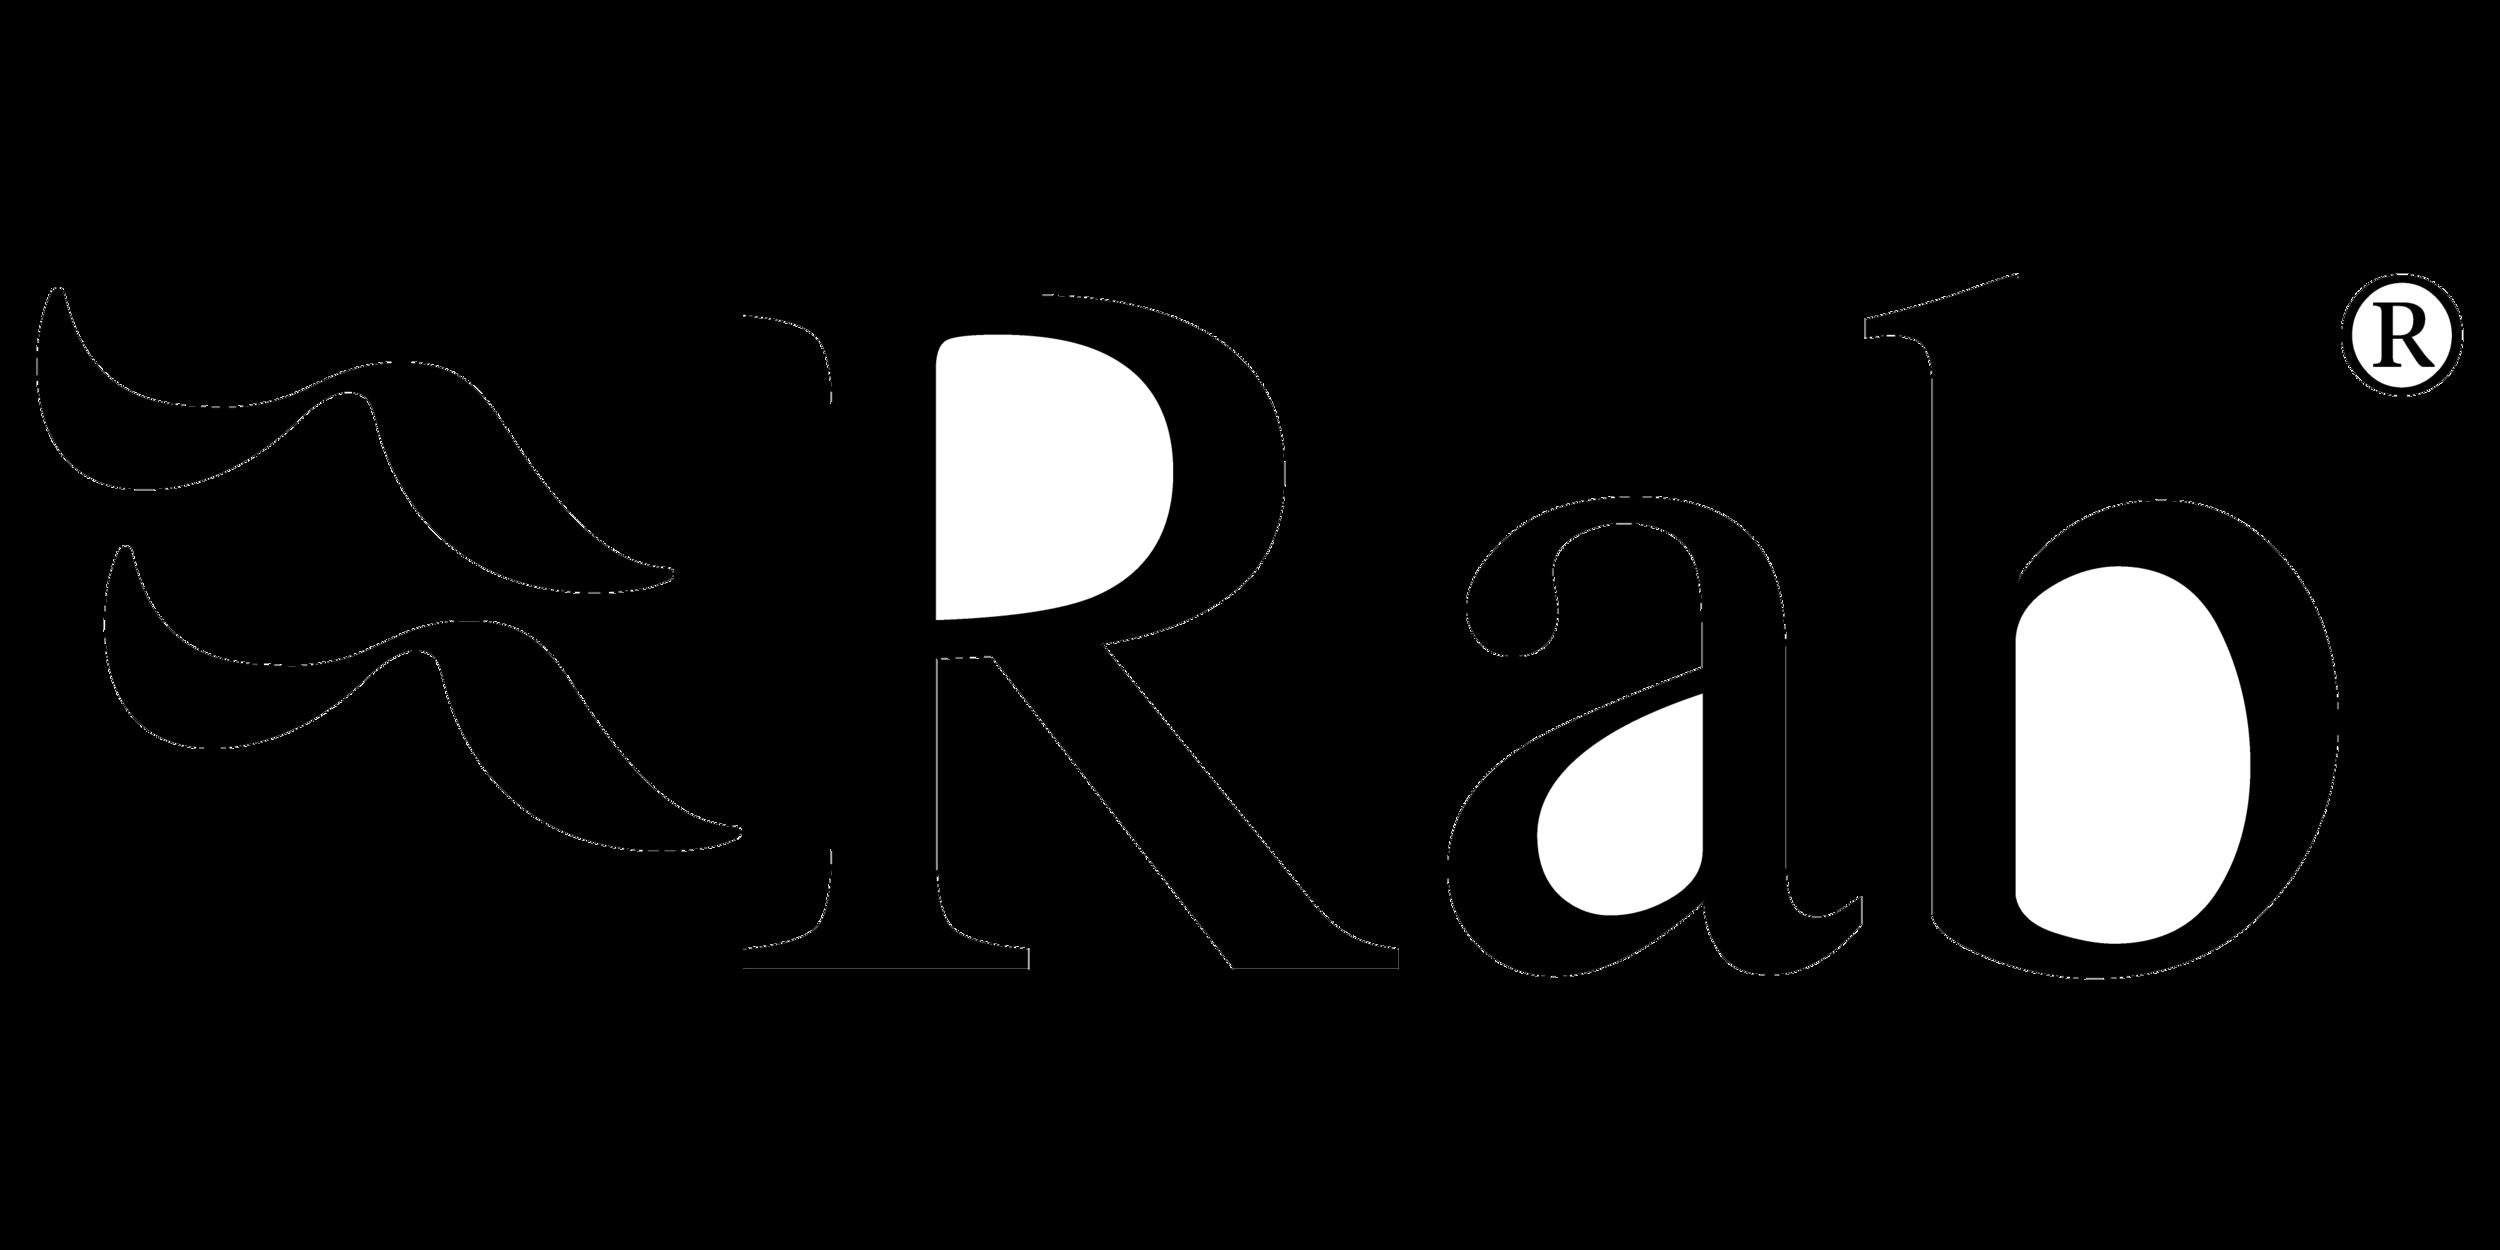 Rab_logo.png